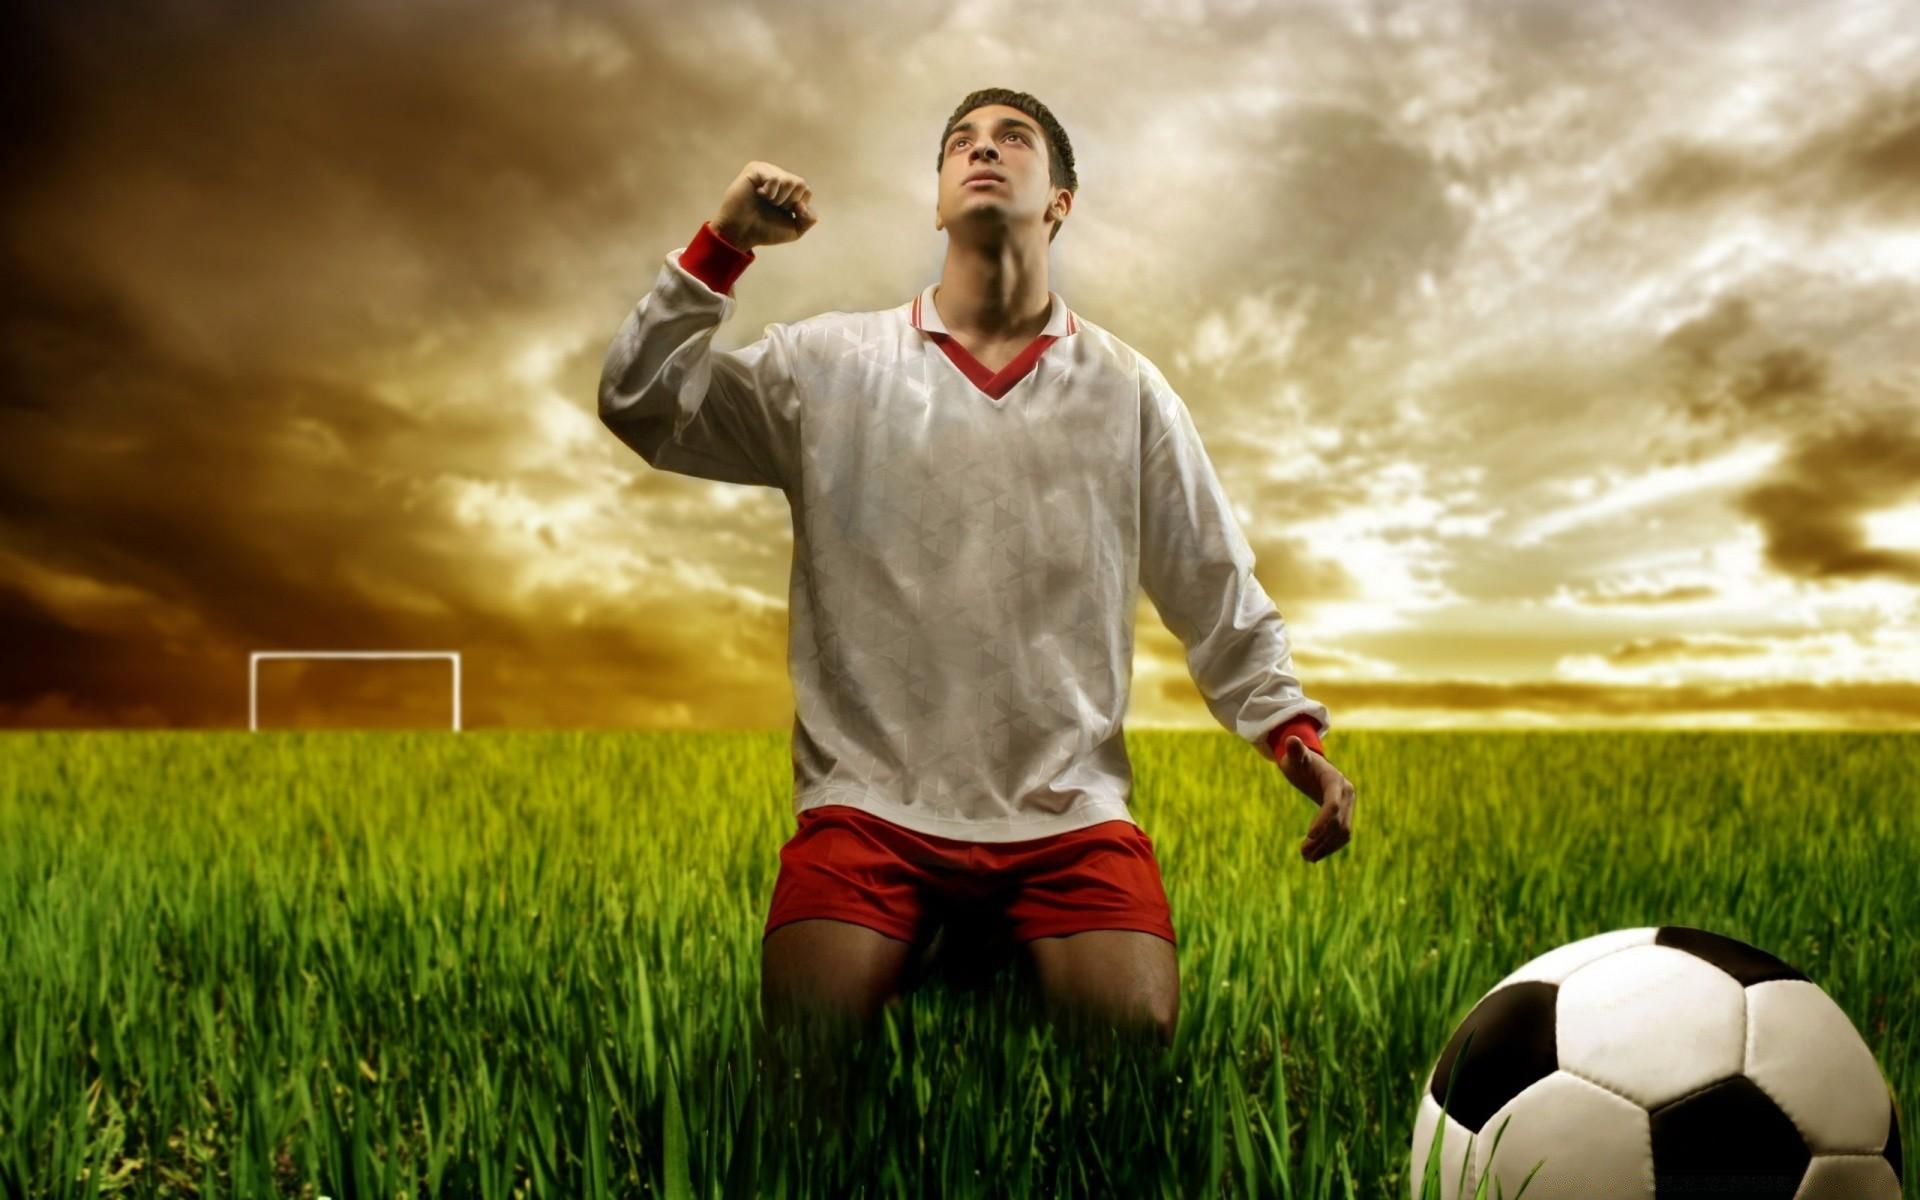 Красивые открытки про футбол